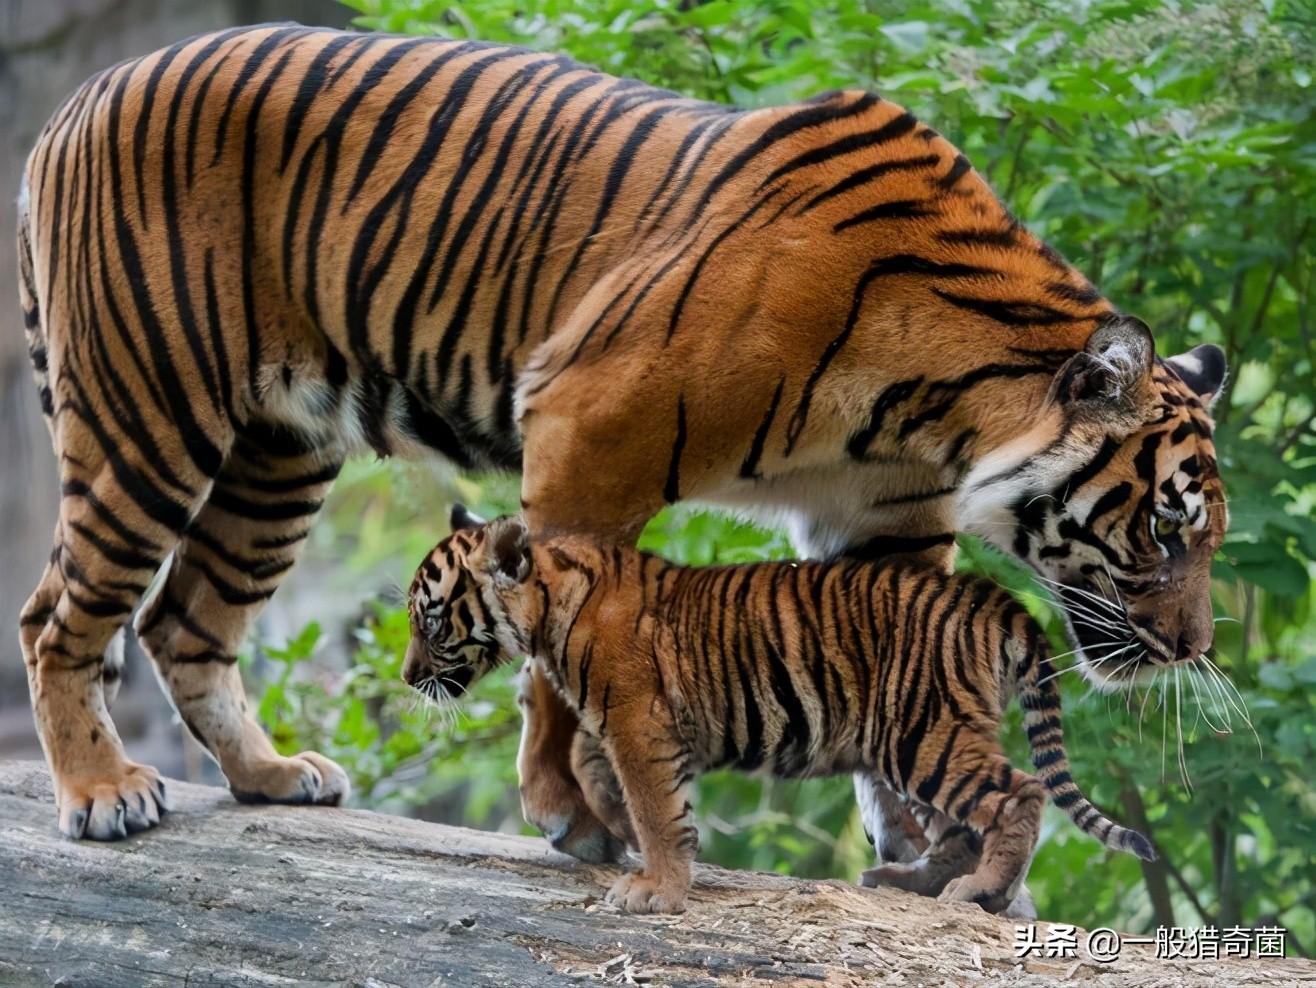 全国多地频现大型食肉动物-大型食肉动物排行榜